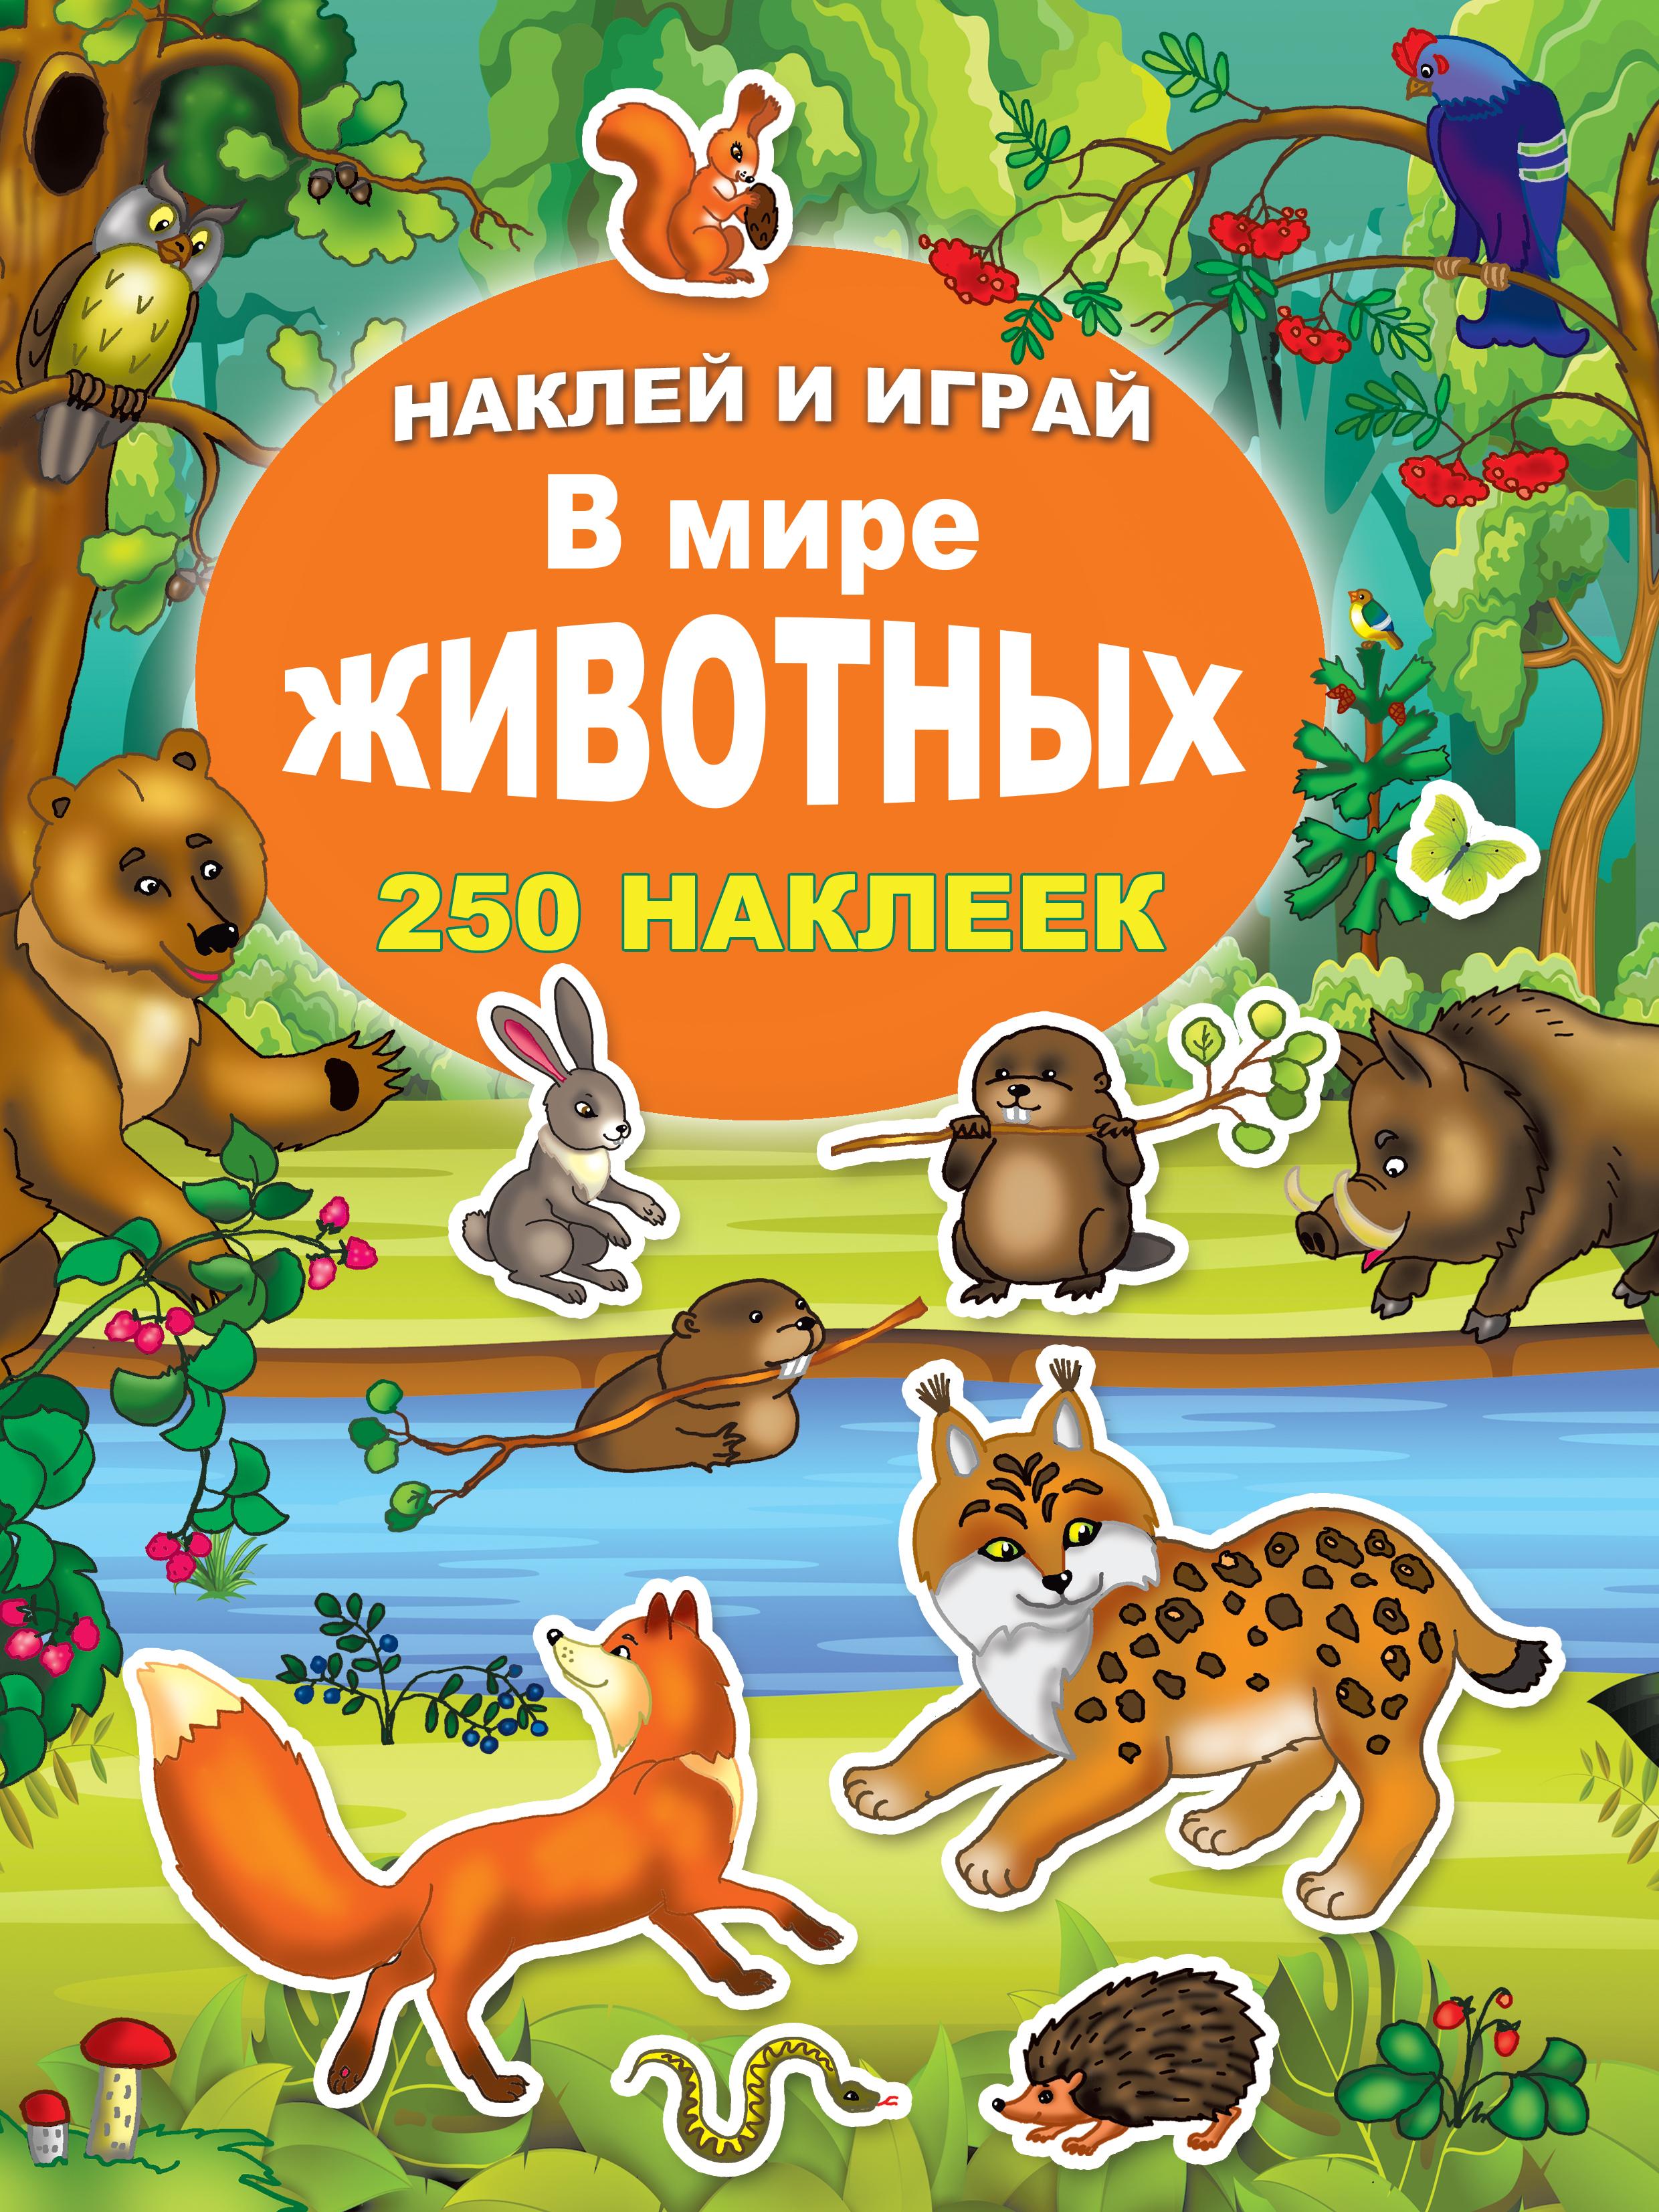 Рахманов А., Глотова В.Ю. В мире животных глотова в рахманов а илл в мире животных 500 наклеек